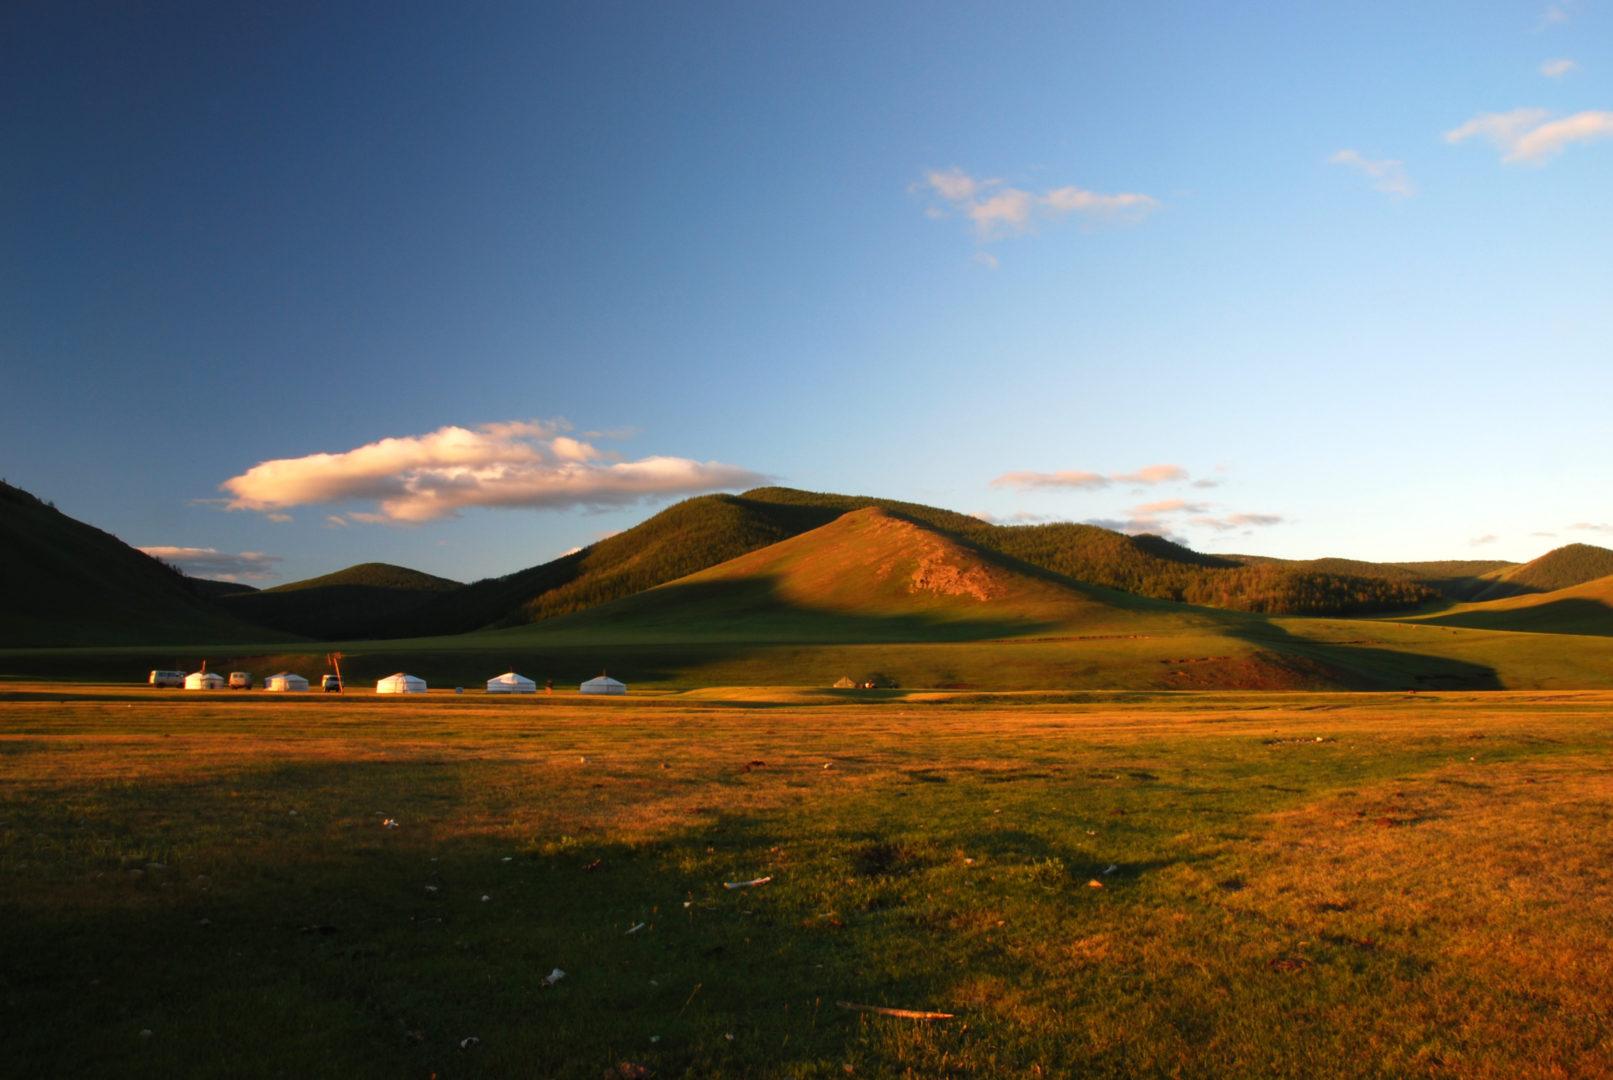 Übernachtung in Jurten in der Steppe